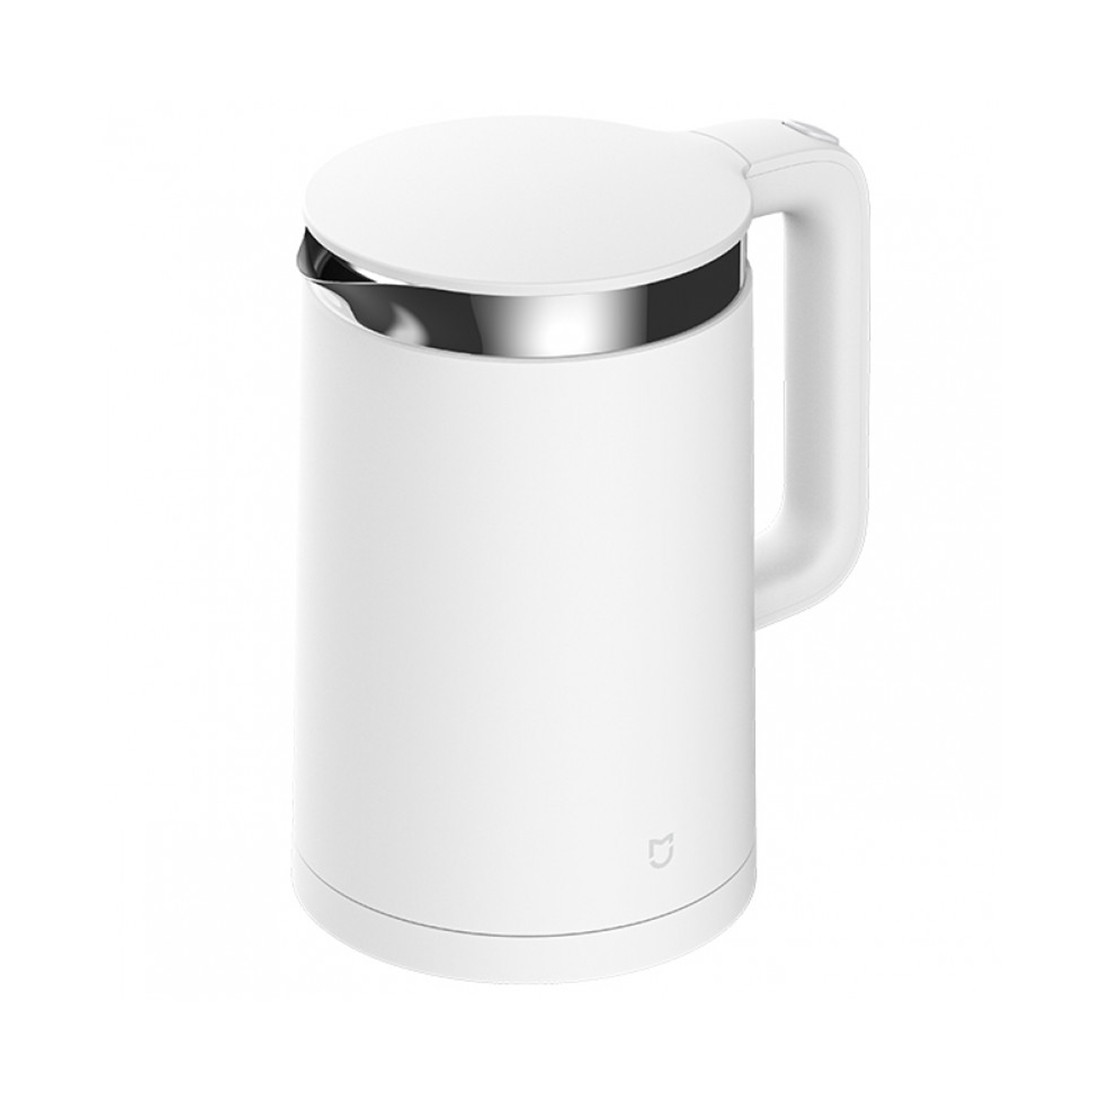 Чайник электрический Mi Smart Kettle Pro (MJHWSH02YM) Белый